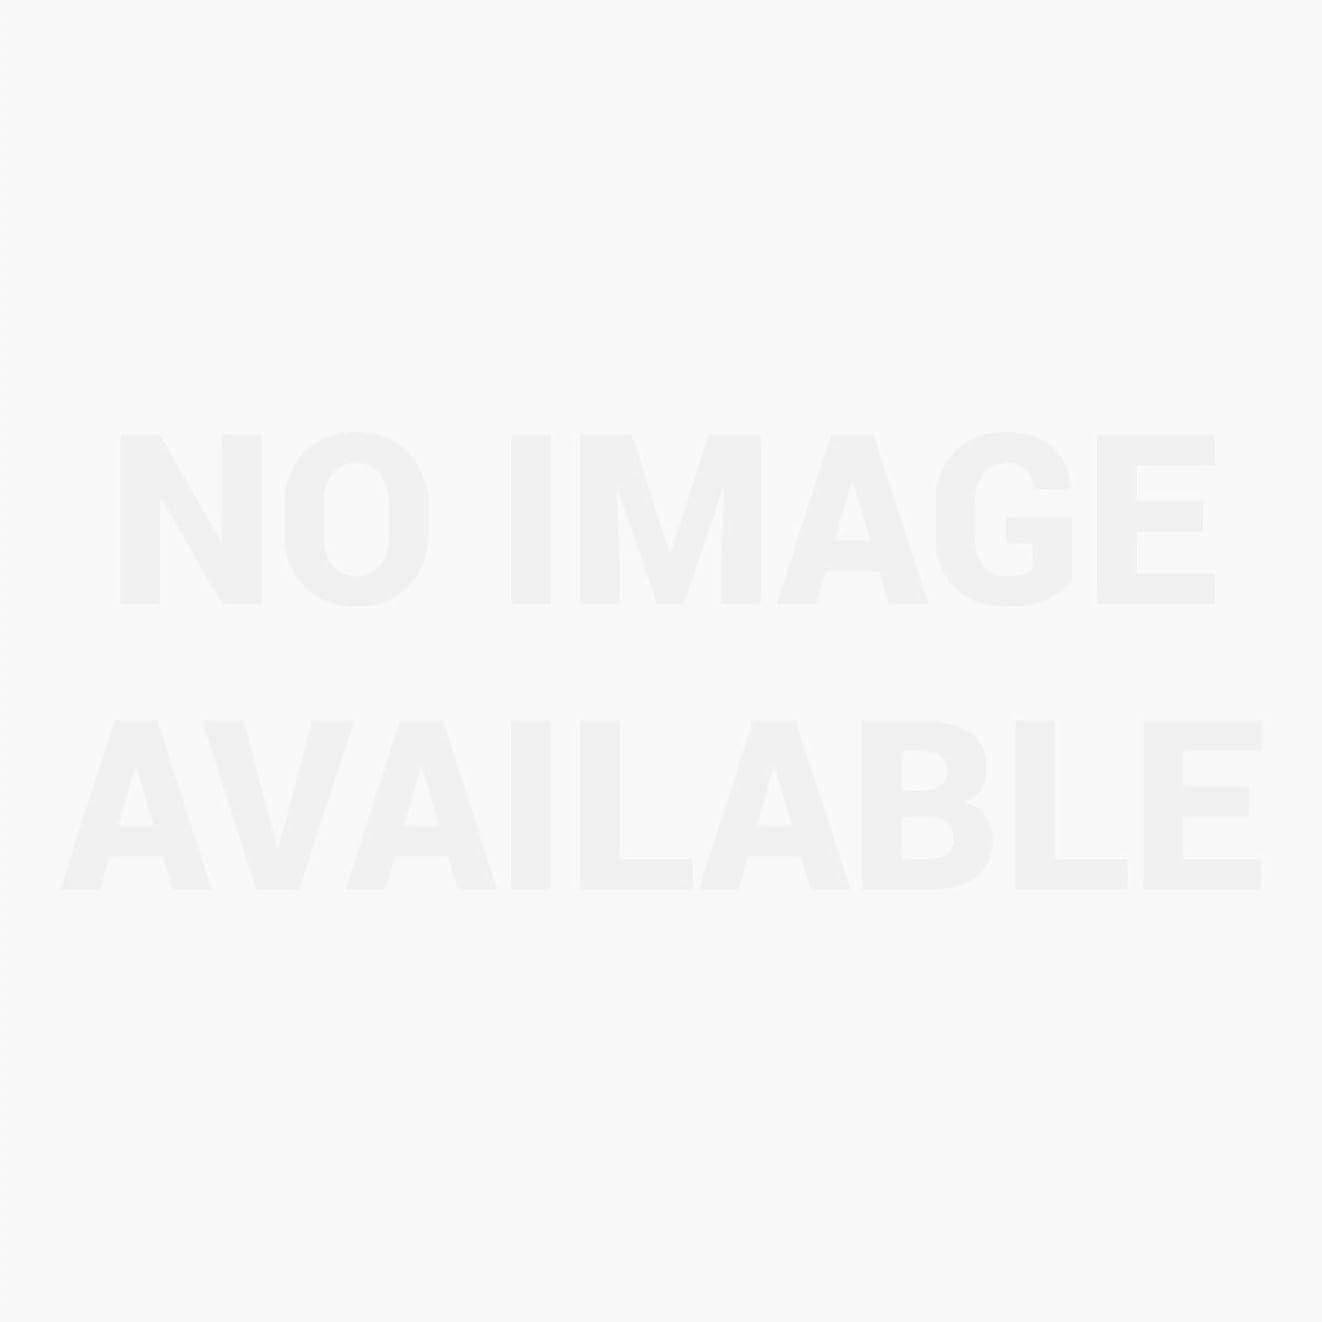 歯科の居住者軽減するアジェンダ サロンコンセプト ルーズリーフバインダー9アシスタント[海外直送品] [並行輸入品]